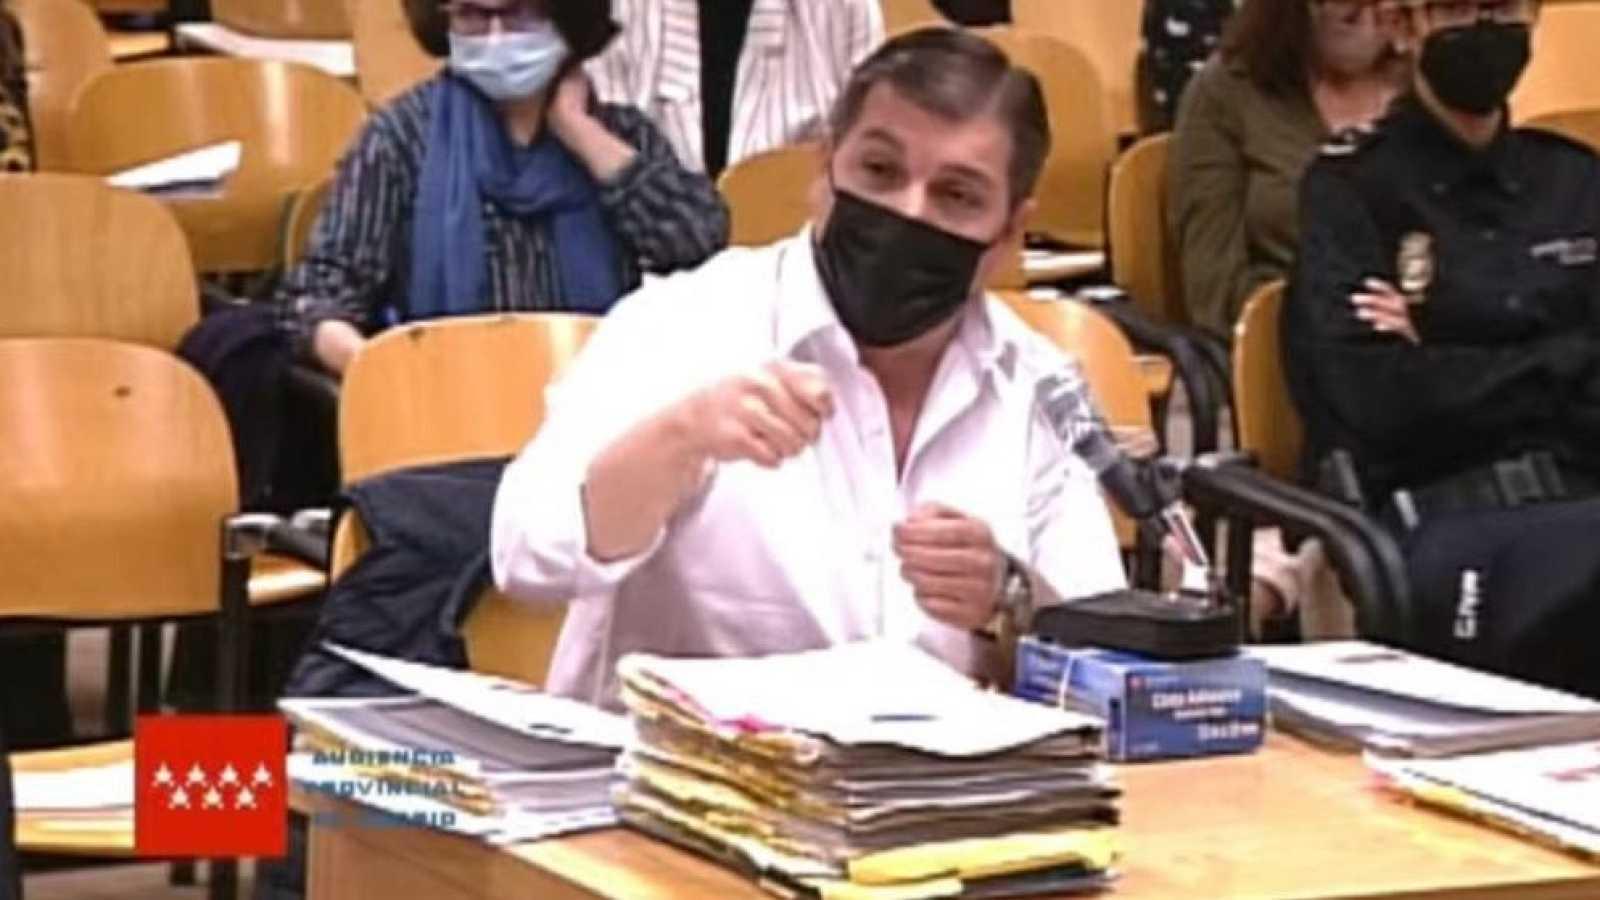 El 'Rey del Cachopo' niega en el juicio que matara a su expareja